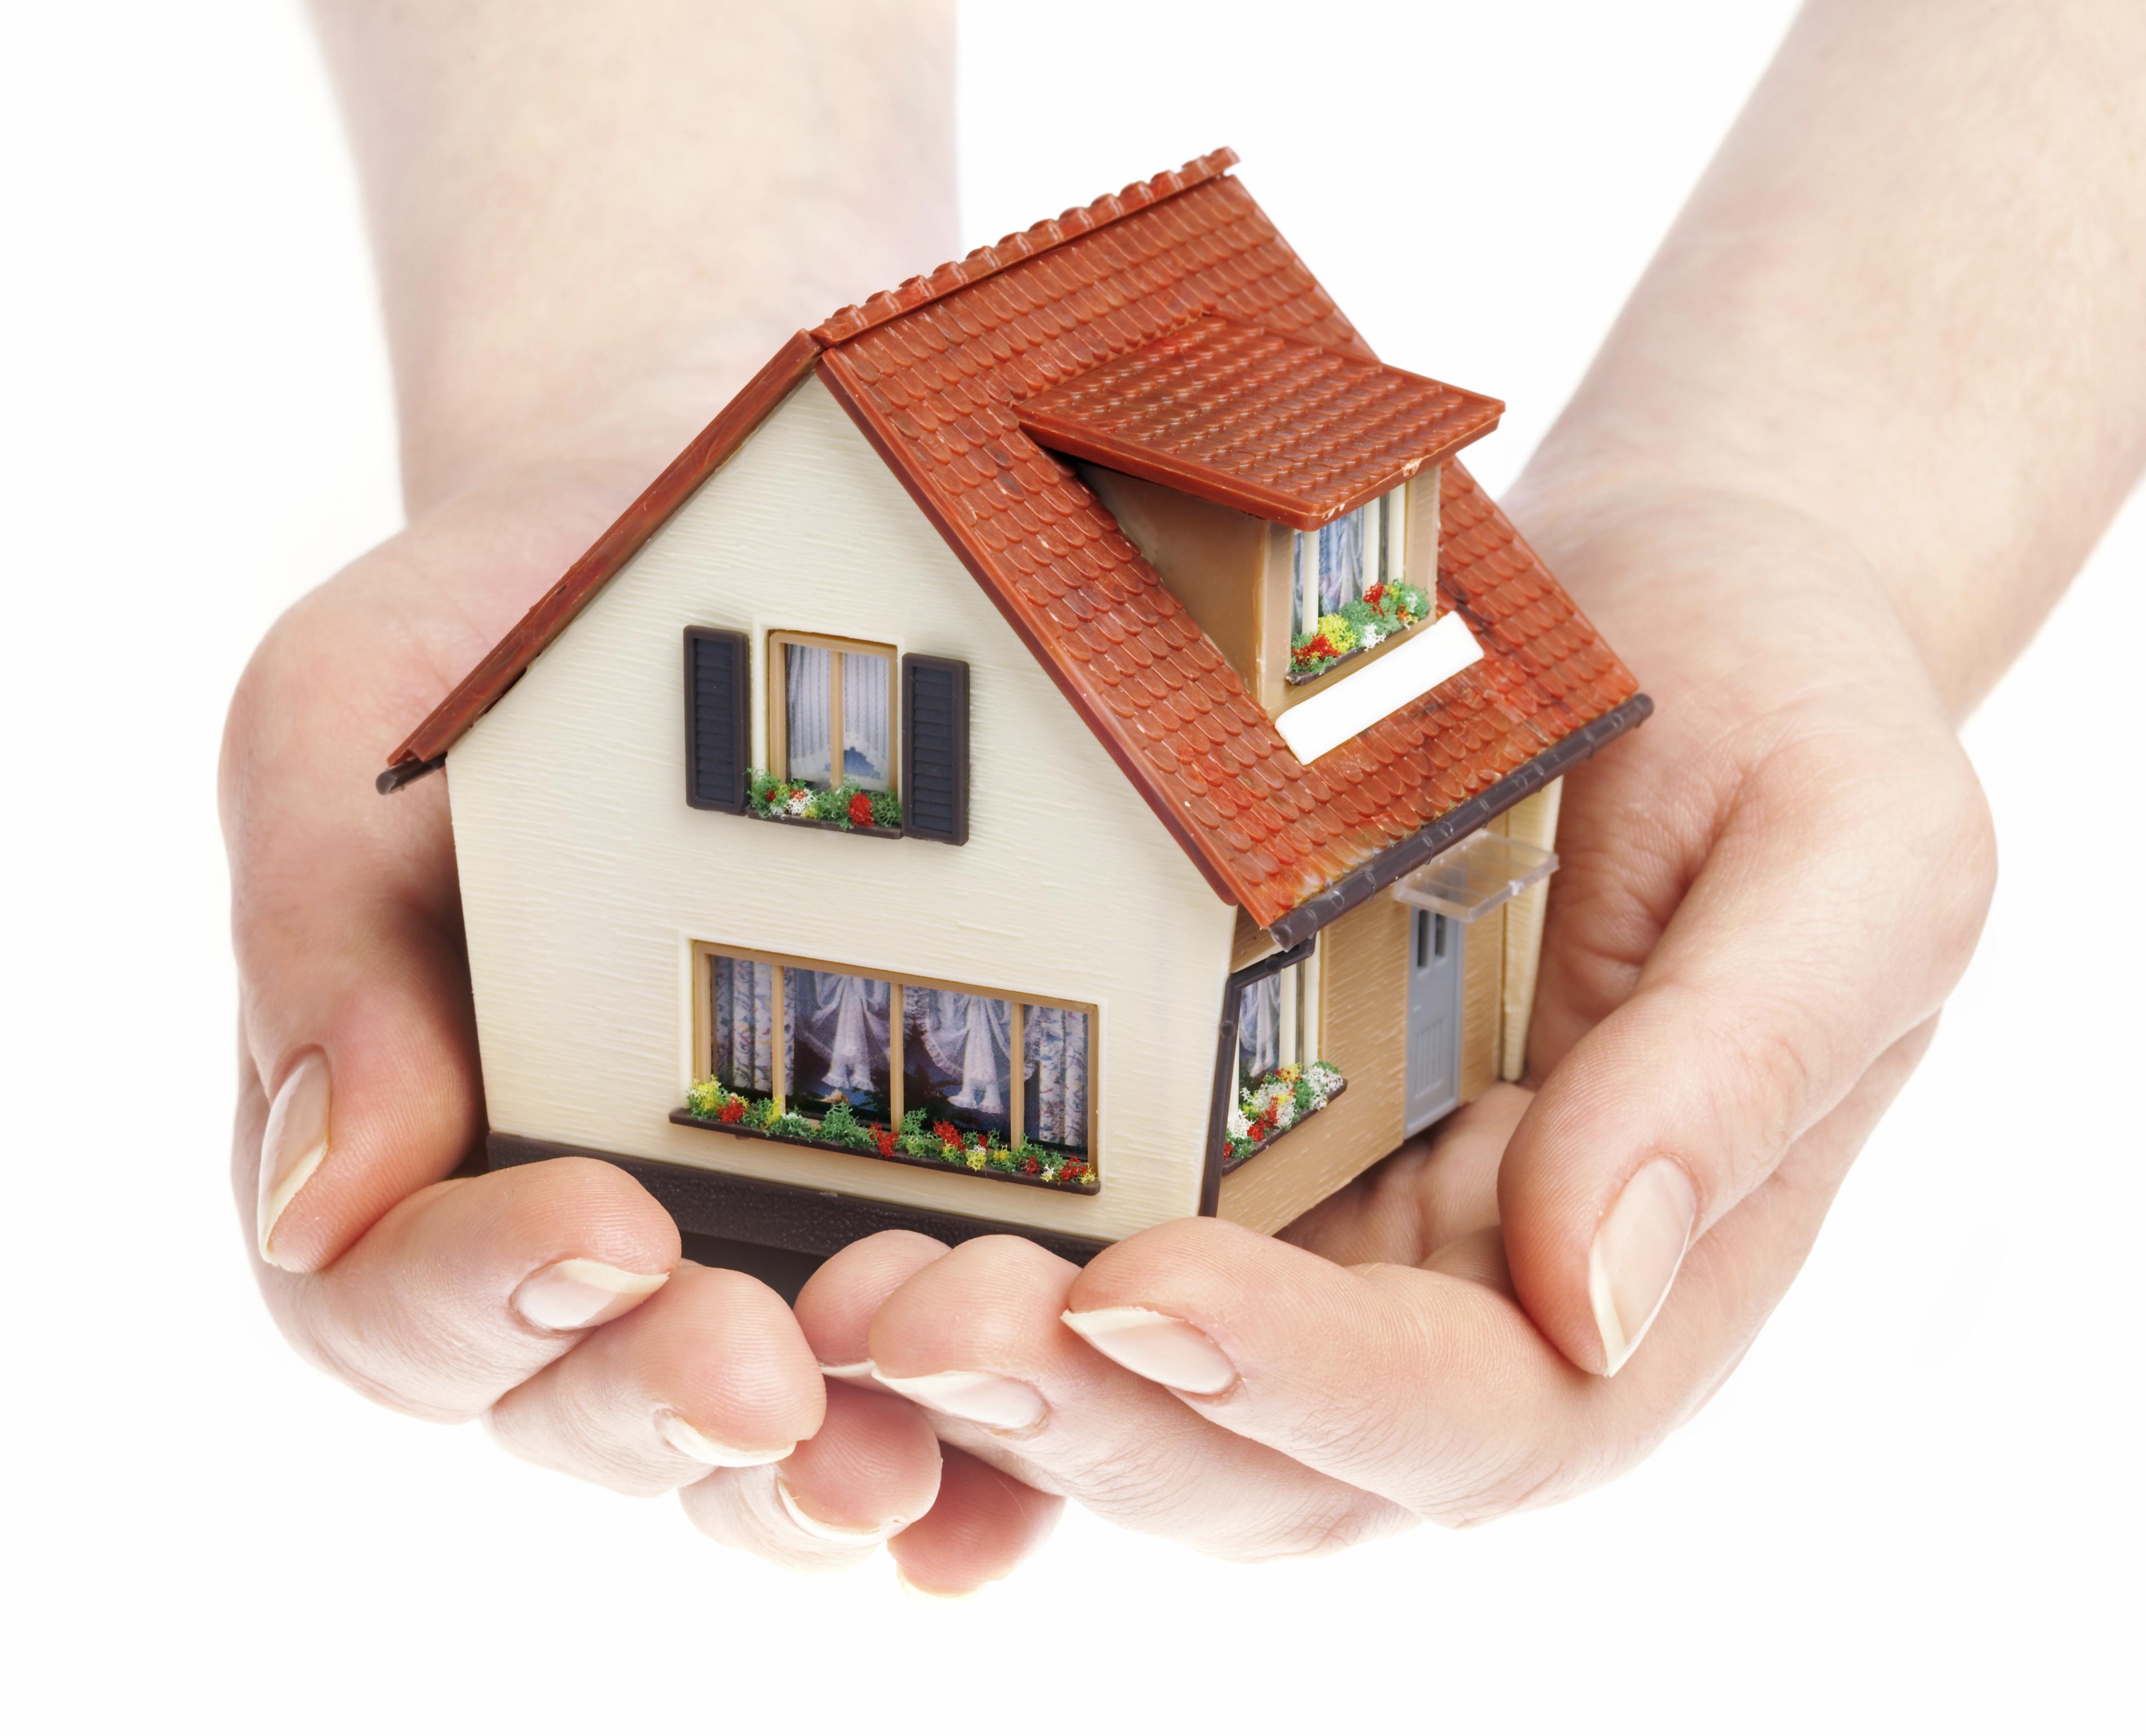 Лучший сайт арендв недвижимости за границей